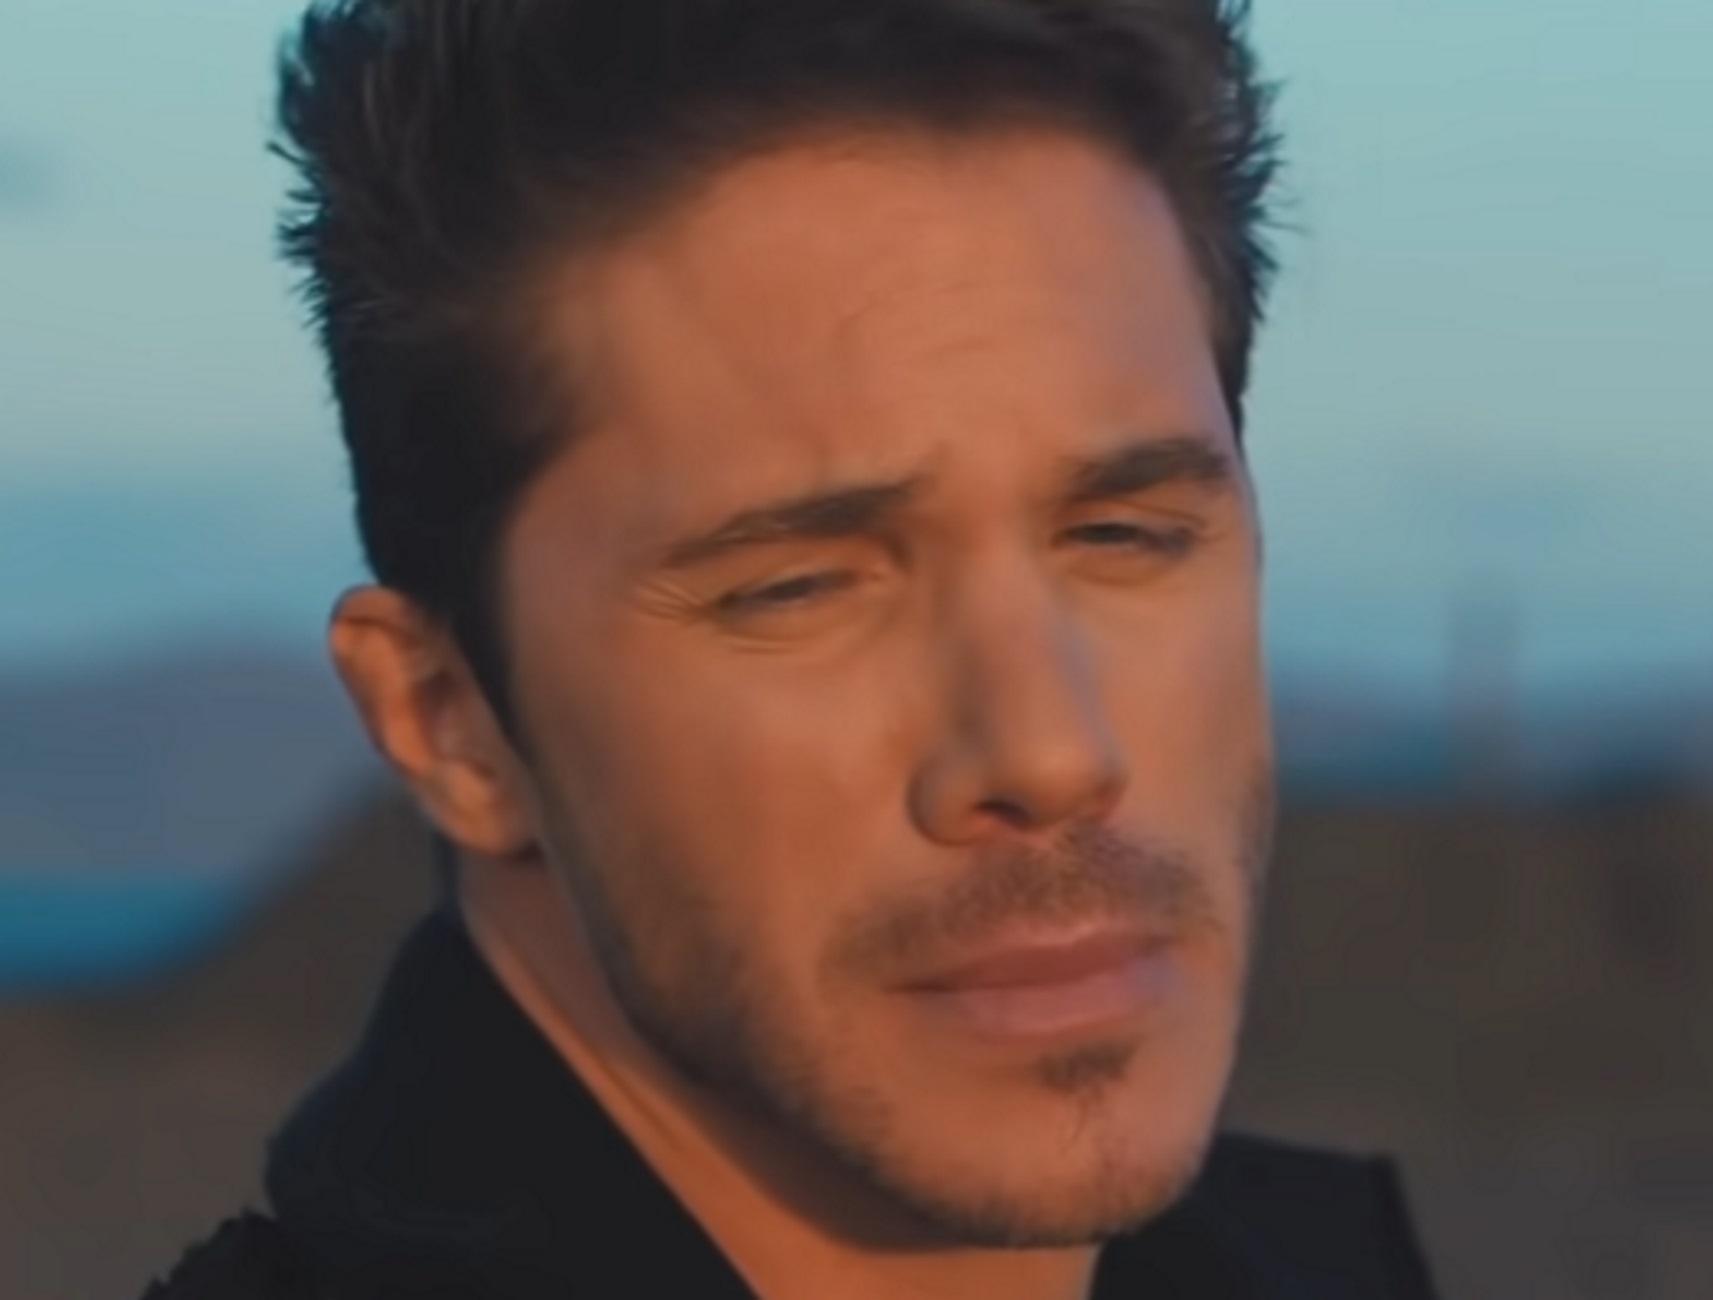 Νίκος Οικονομόπουλος – Κορονοϊός: Με πυρετό και δύσπνοια στον Ευαγγελισμό – Πώς νόσησε ο τραγουδιστής